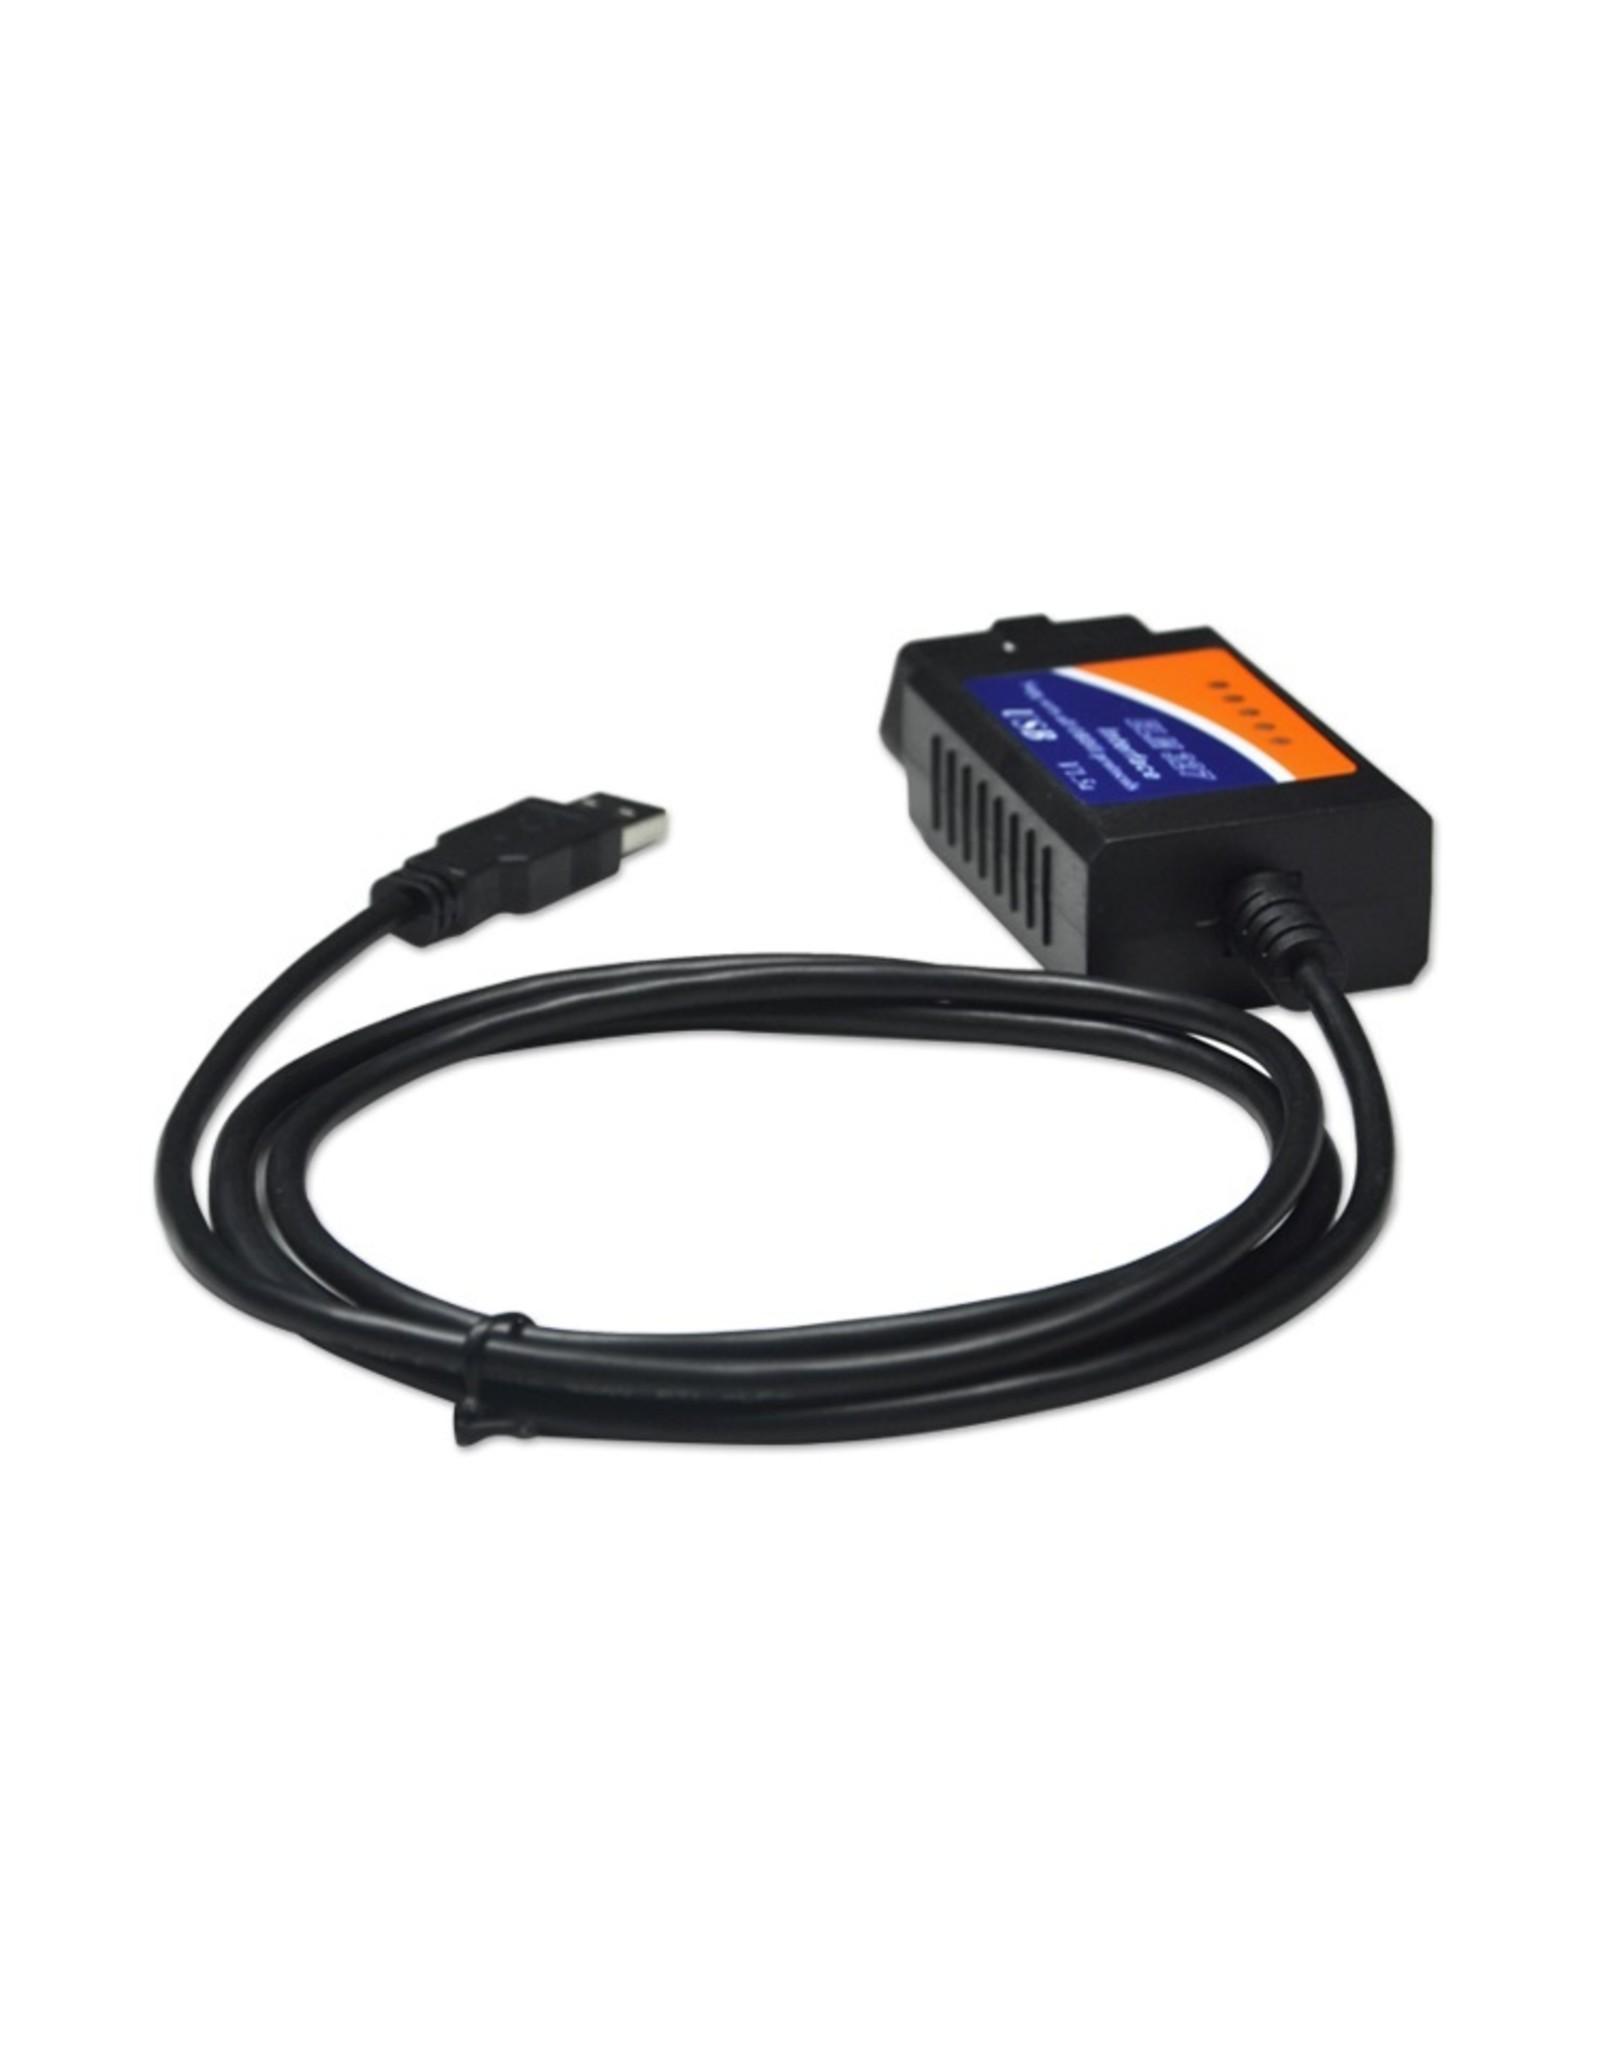 OBD2 USB scanner / ELM327 Interface